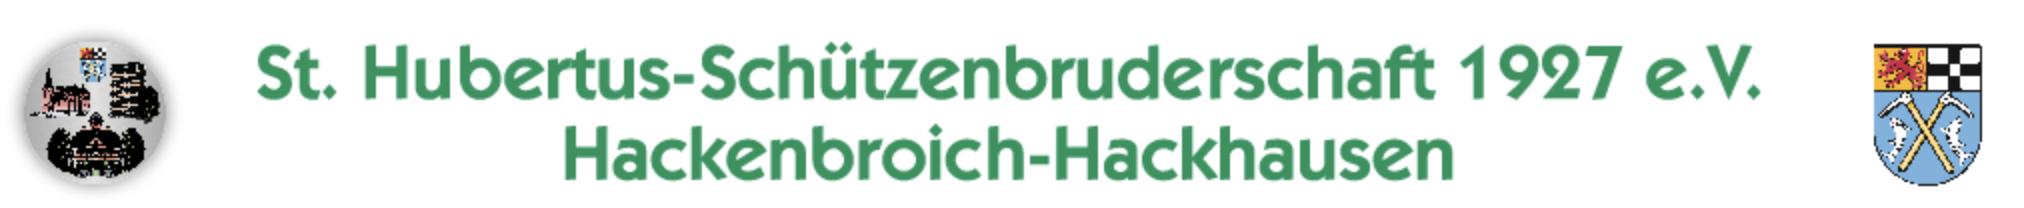 Schützenbruderschaft 1927 e.V.